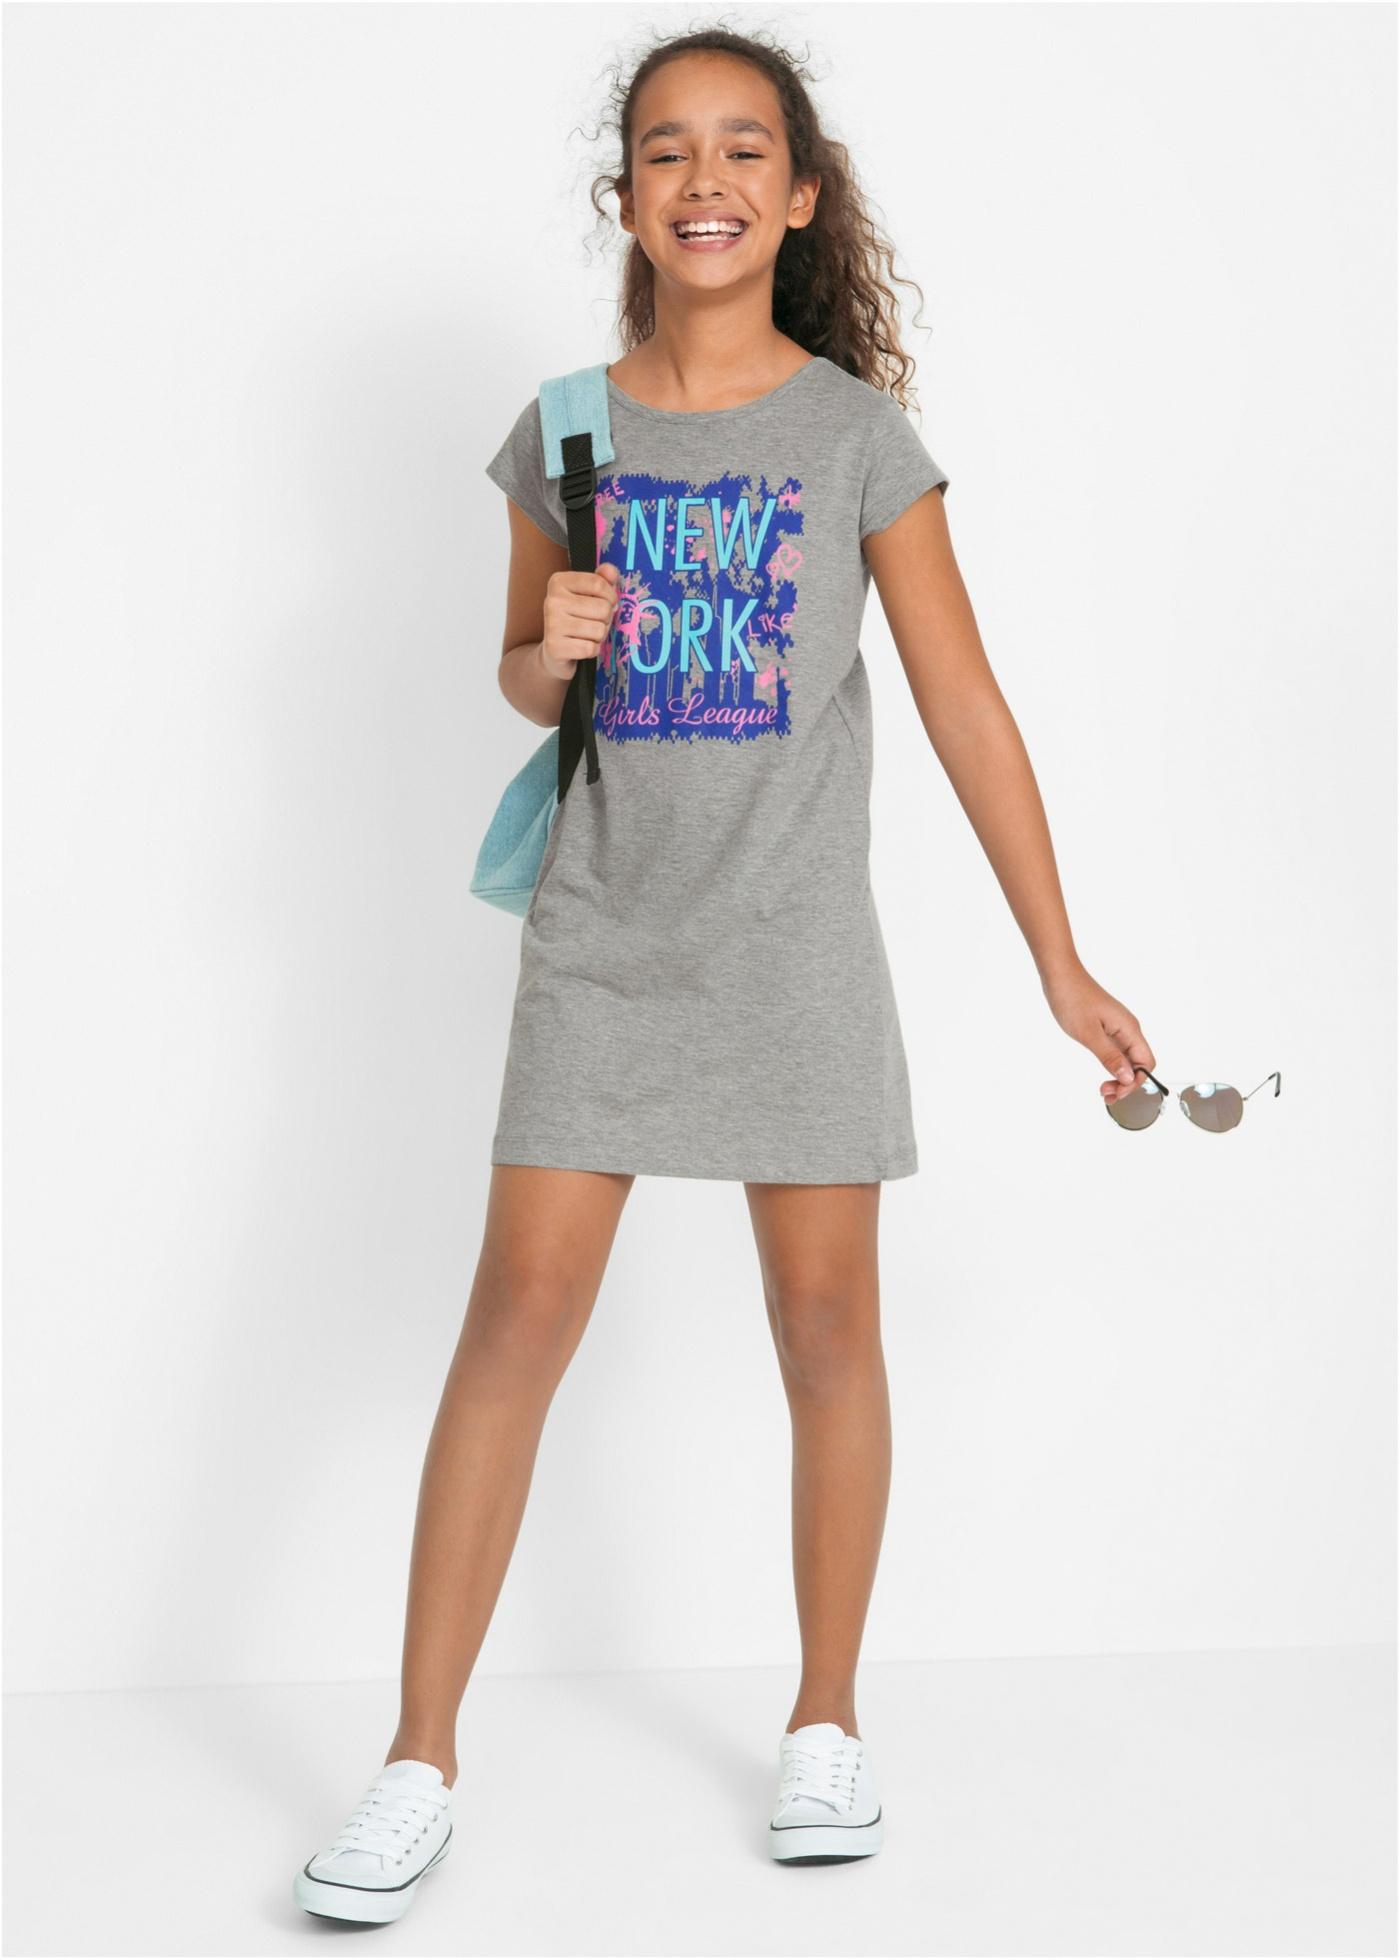 b3afbe780102d8 Zomerse mini jurk van shirtstof met een grote fotoprint voorop. goede  pasvorm met korte mouwen